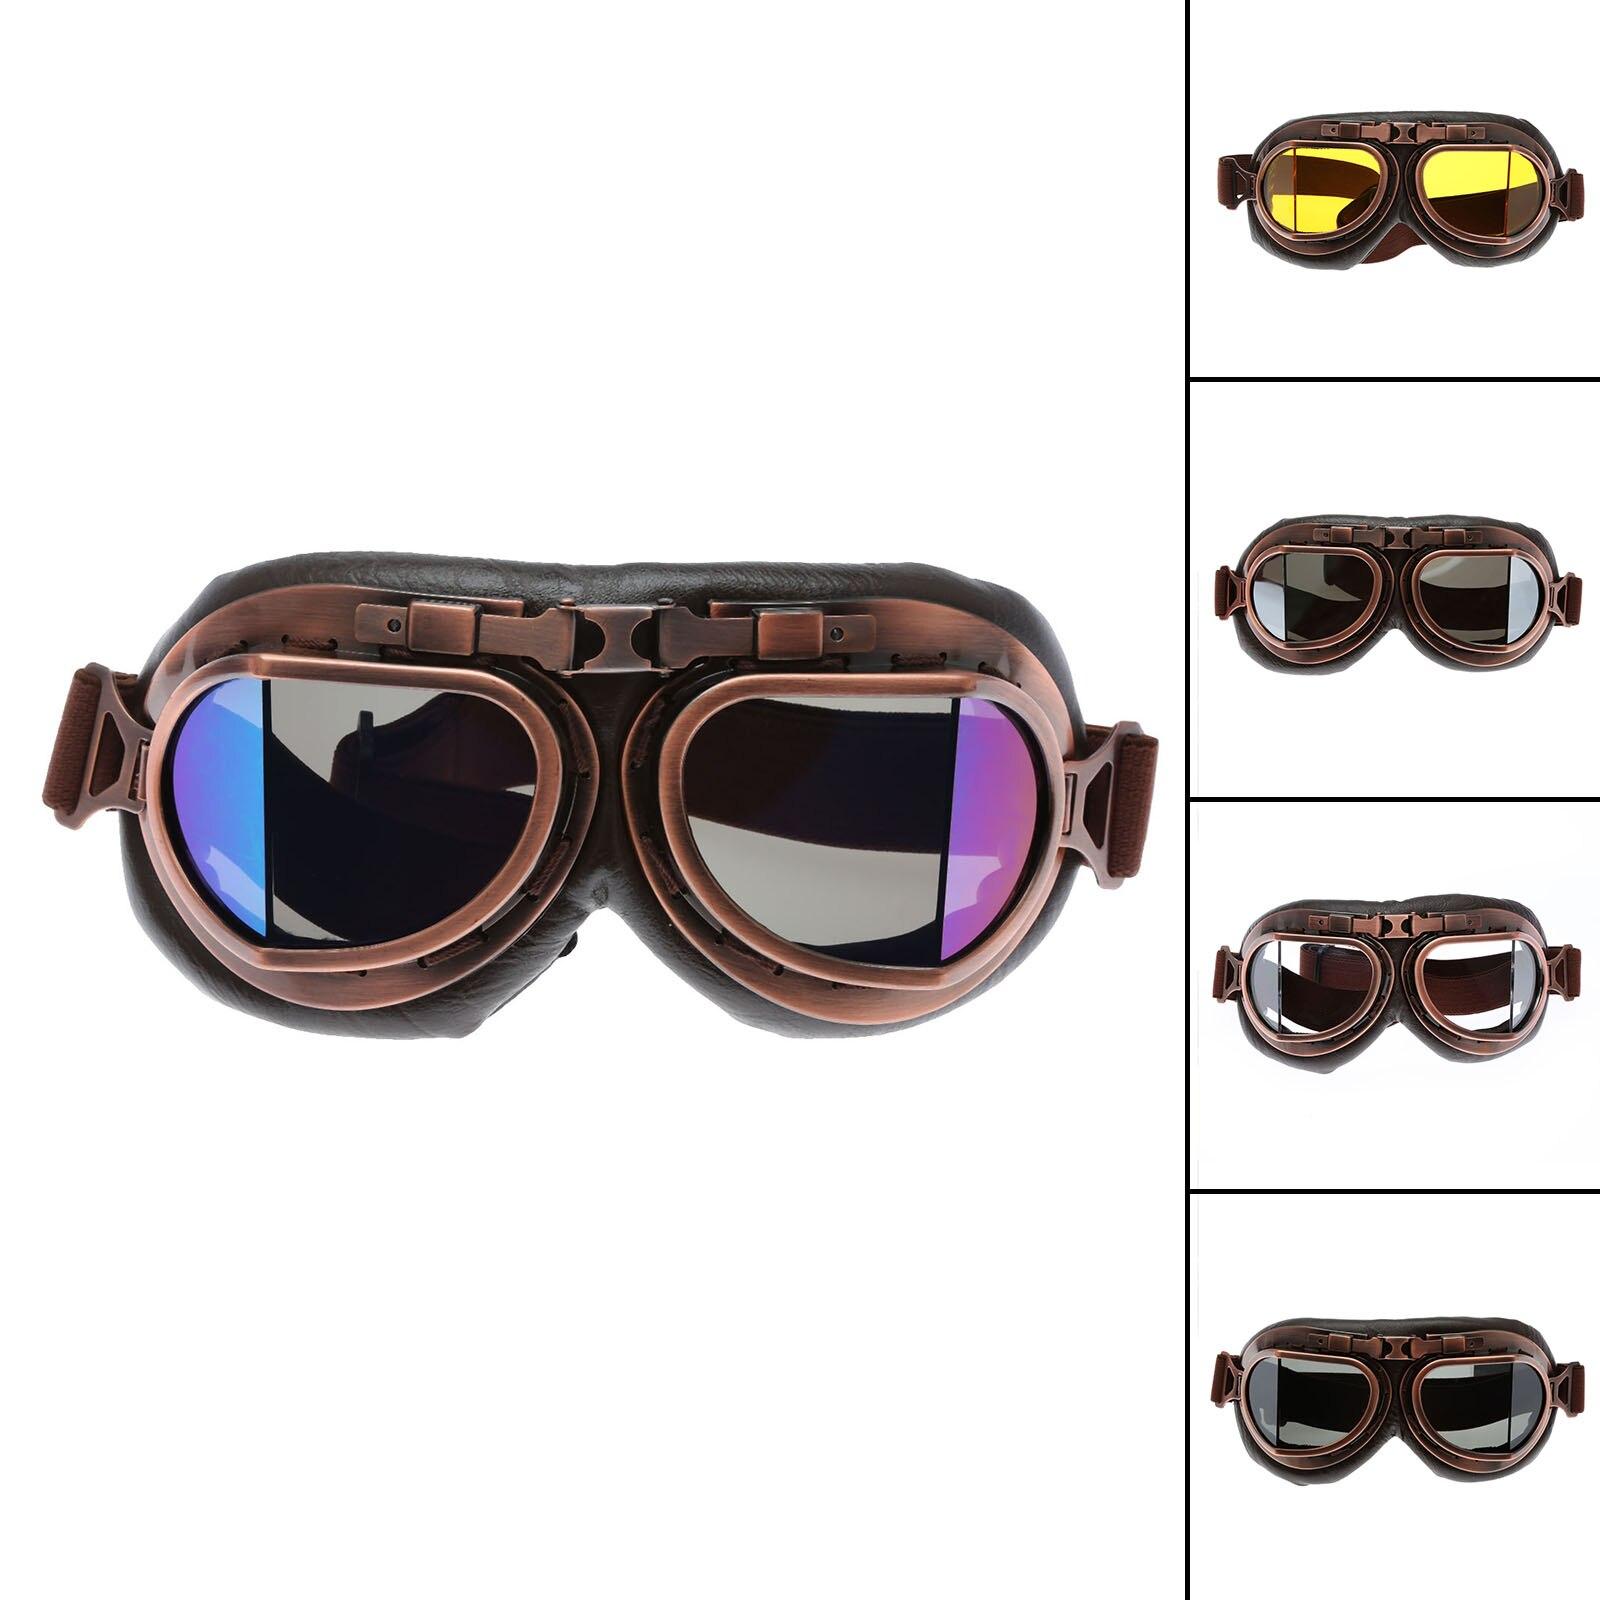 Motorrad-schutzbrille Brille Vintage Motocross Klassische Brille Retro Aviator Pilot Cruiser Steampunk ATV Bike Uv-schutz Kupfer